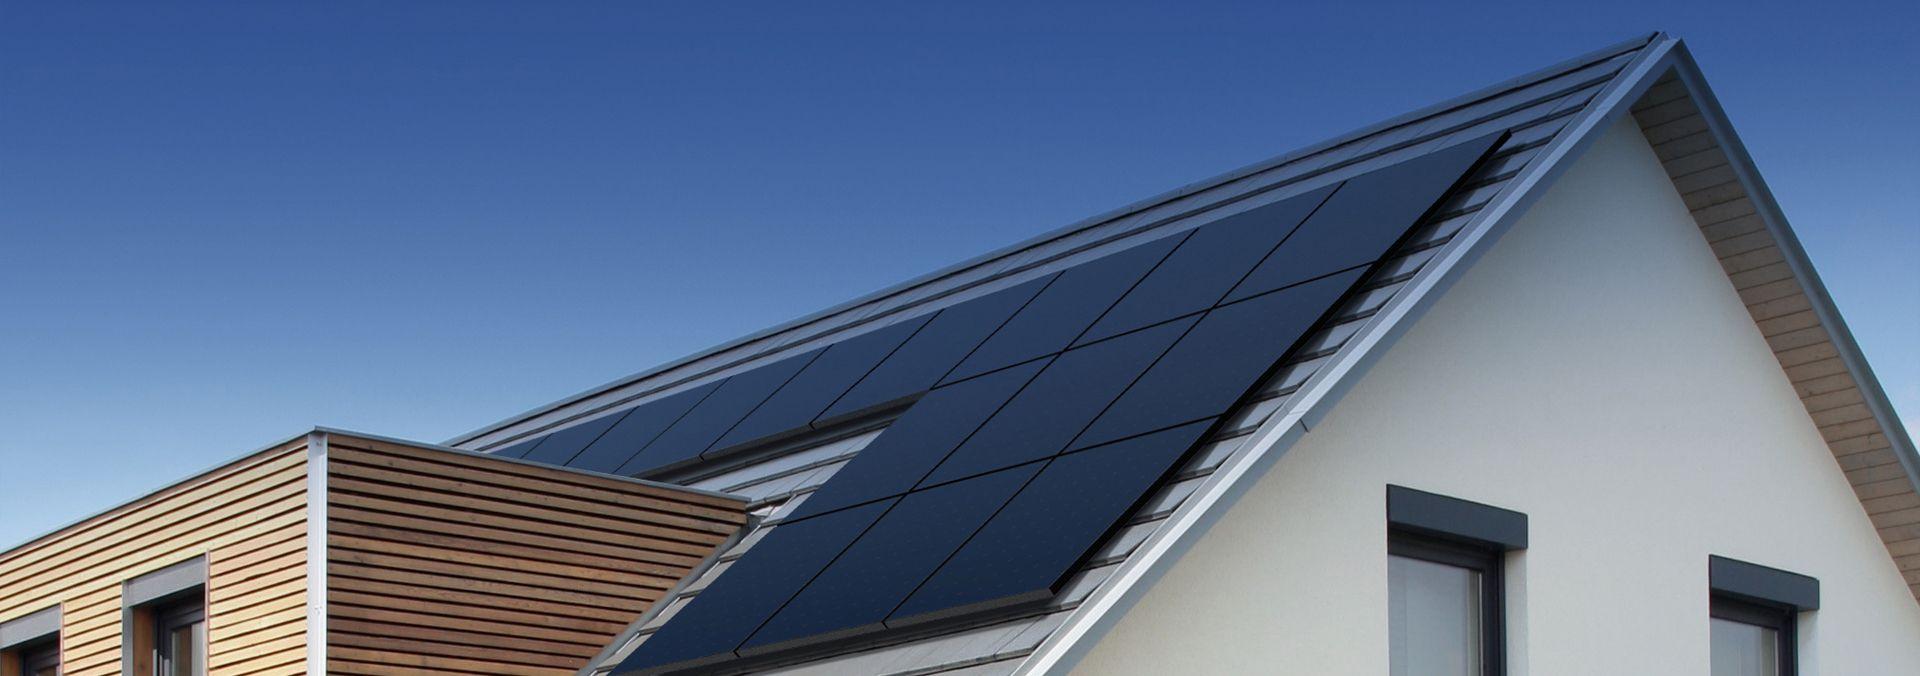 Adani Solar